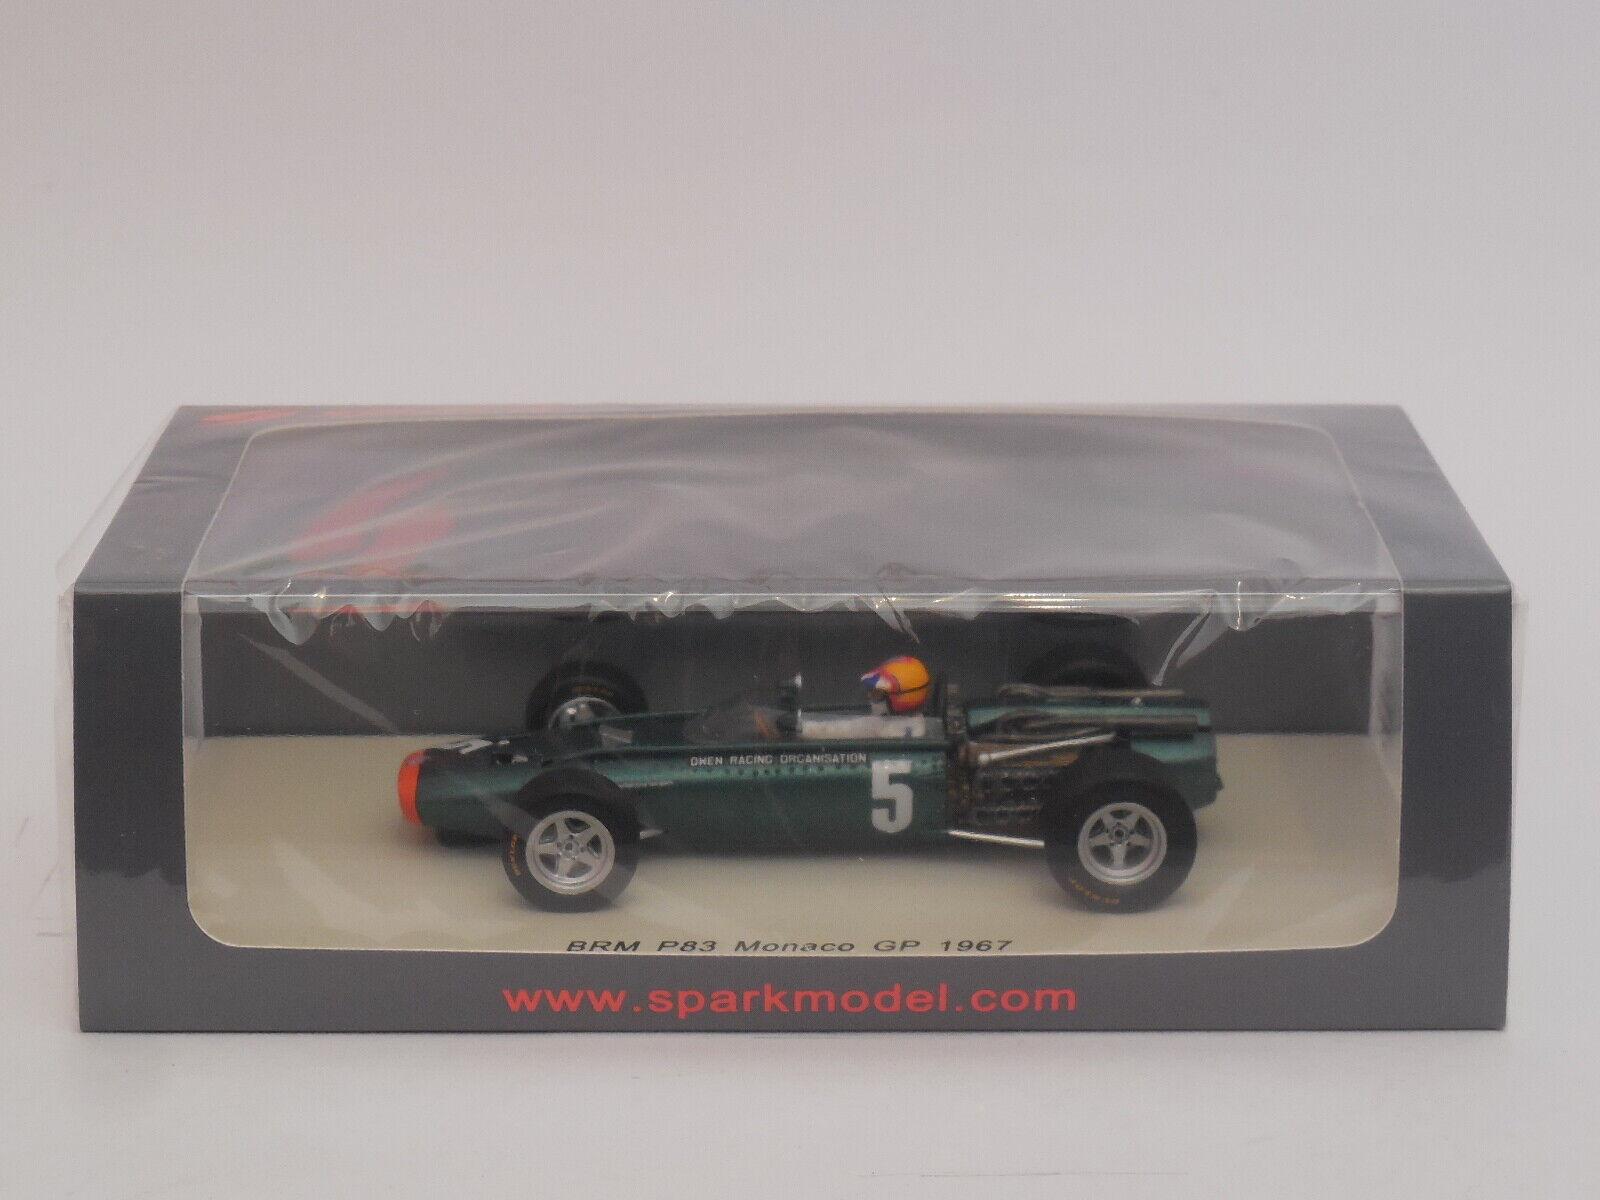 Compra calidad 100% autentica 1 43 Spark S4252 BRM P83 P83 P83   5 Mike Spence 1967 Monaco GP  Entrega gratuita y rápida disponible.